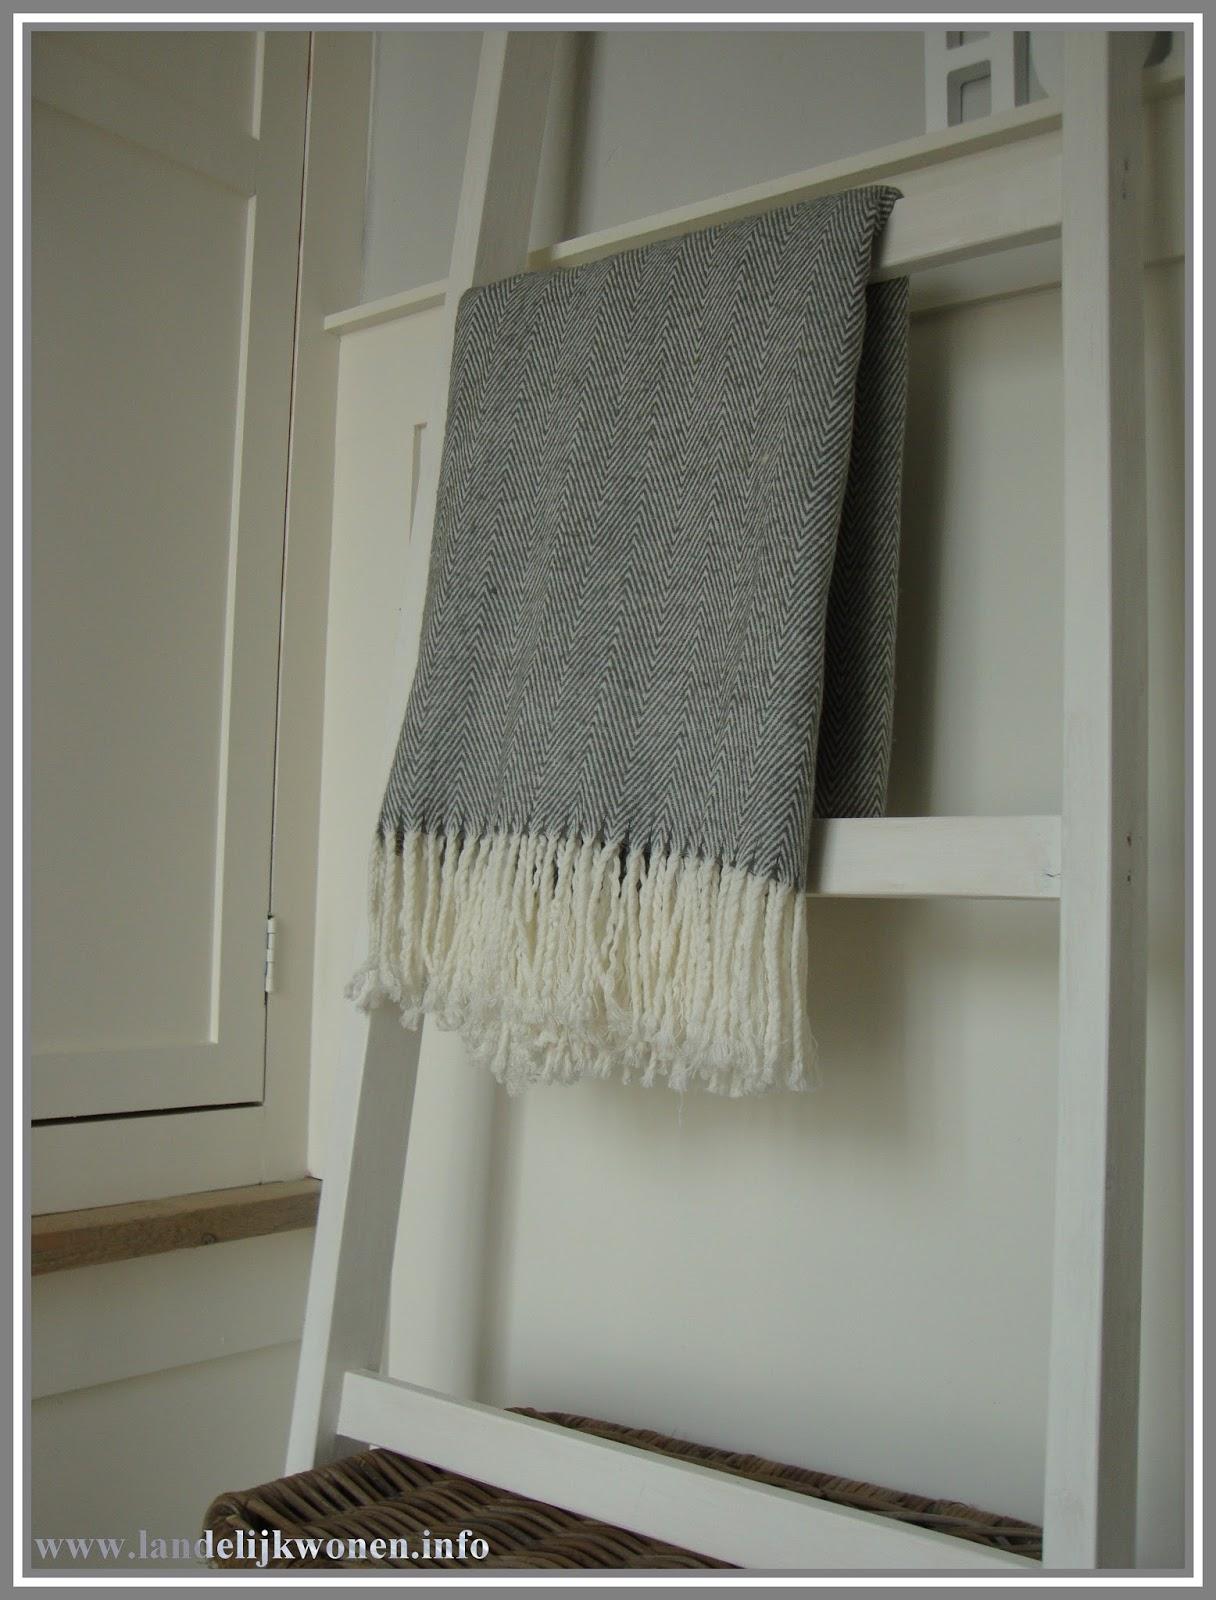 Voorkeur Landelijk Wonen: Interieur idee: Decoratieve Ladder zelf maken &NT54